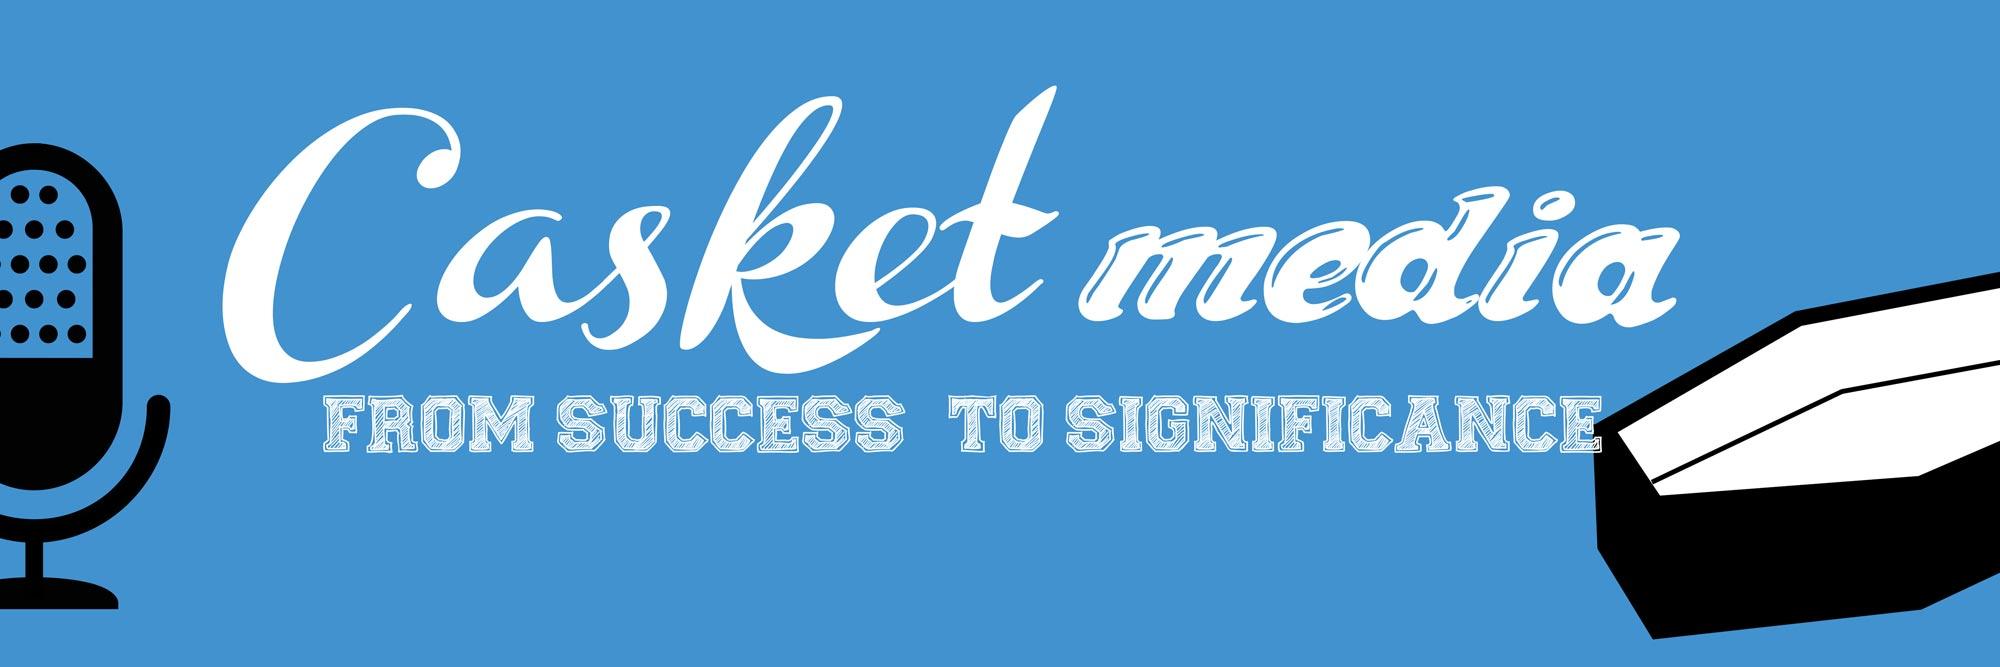 Casket Media - Banner Image Logo